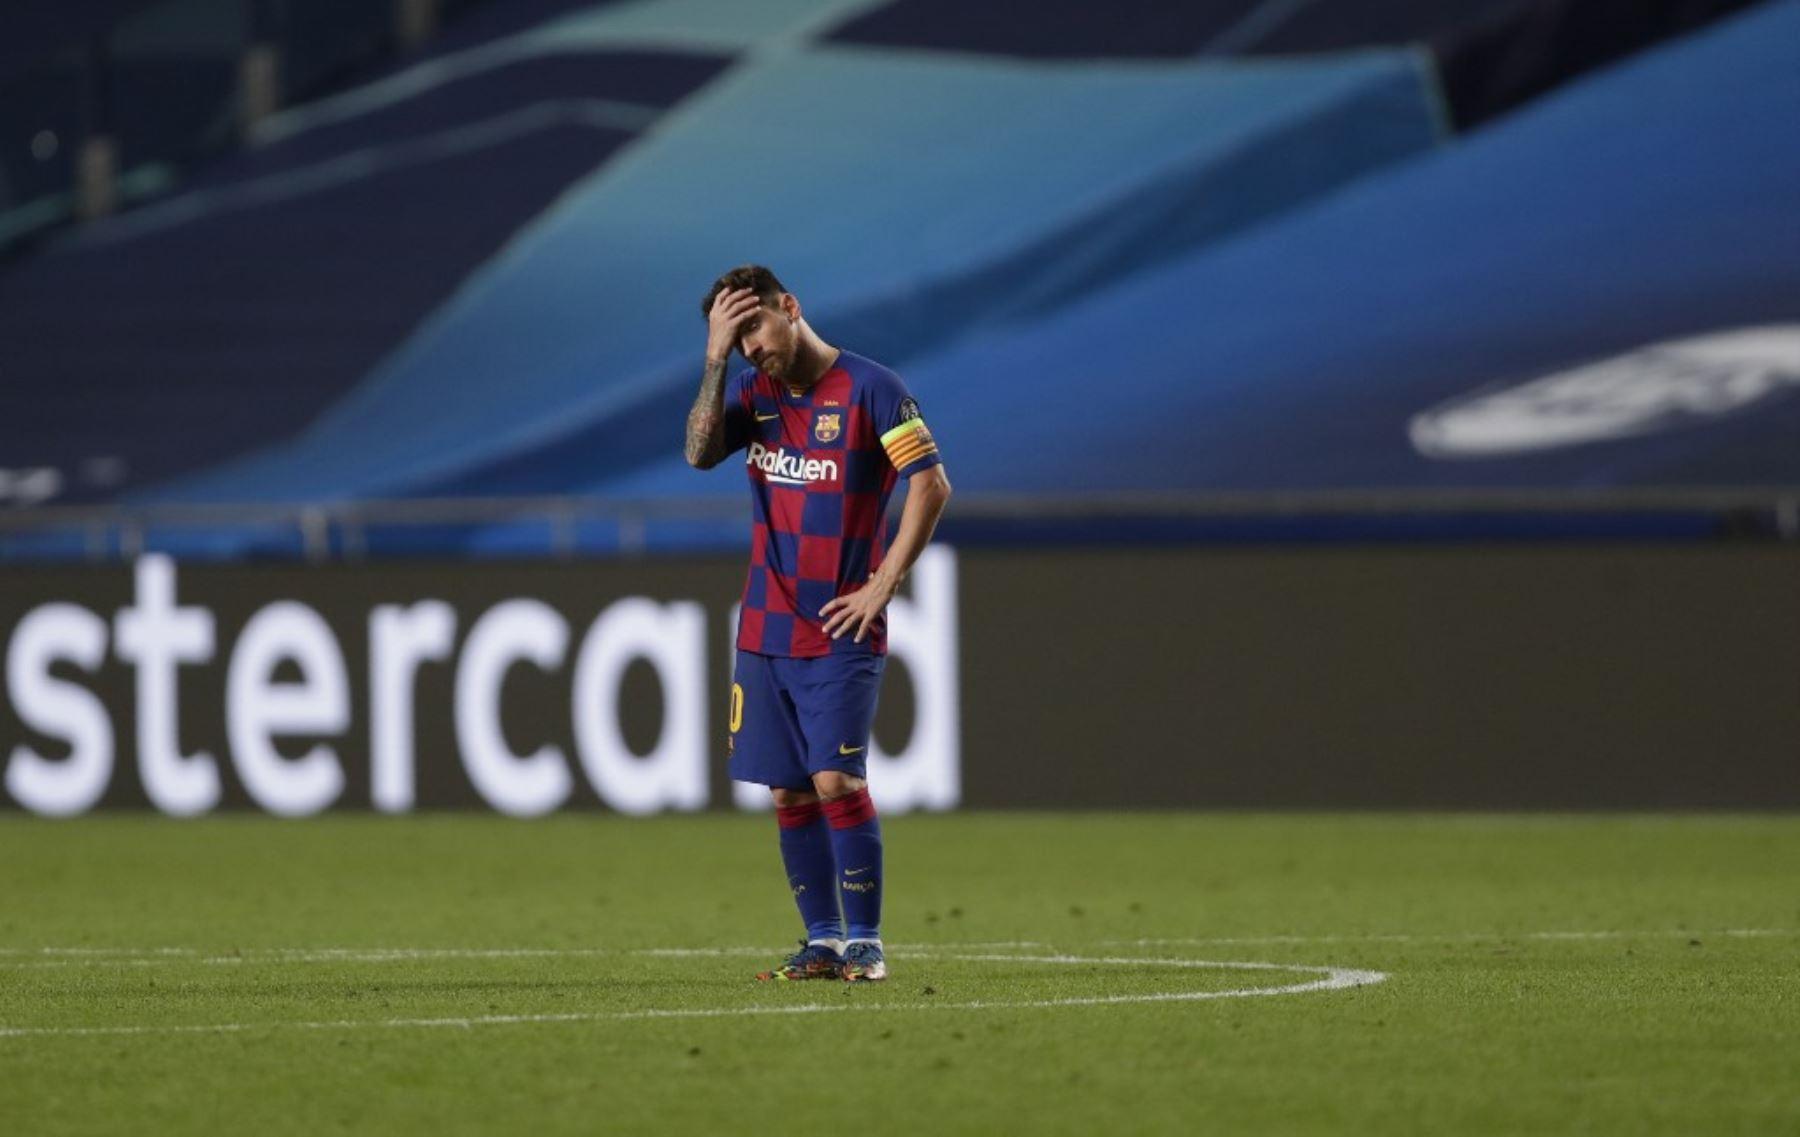 El delantero argentino del Barcelona Lionel Messi reacciona durante el partido de fútbol de cuartos de final de la Liga de Campeones de la UEFA entre el Barcelona y el Bayern de Múnich en el estadio Luz de Lisboa.Foto:AFP